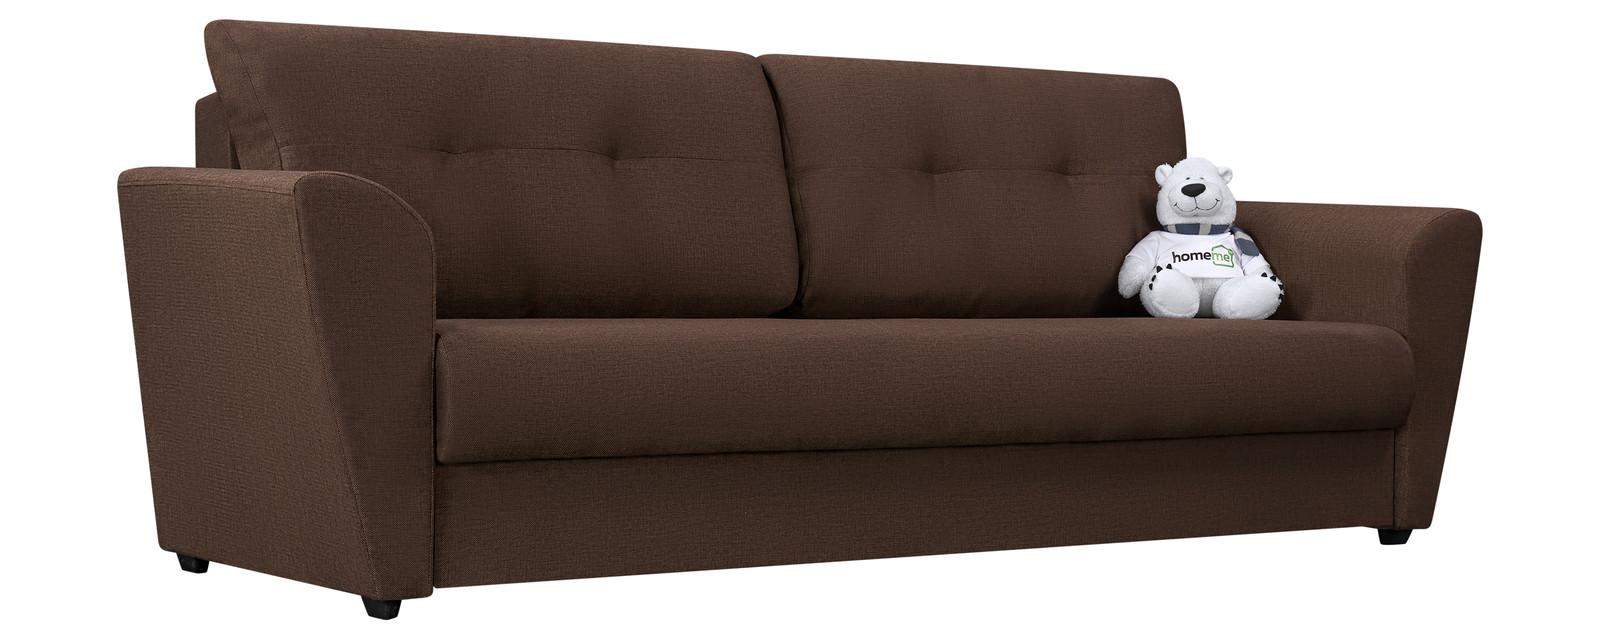 Диван прямой HomeMe Амстердам тканевый (Ткань: Madagascar коричневый, Рогожка)